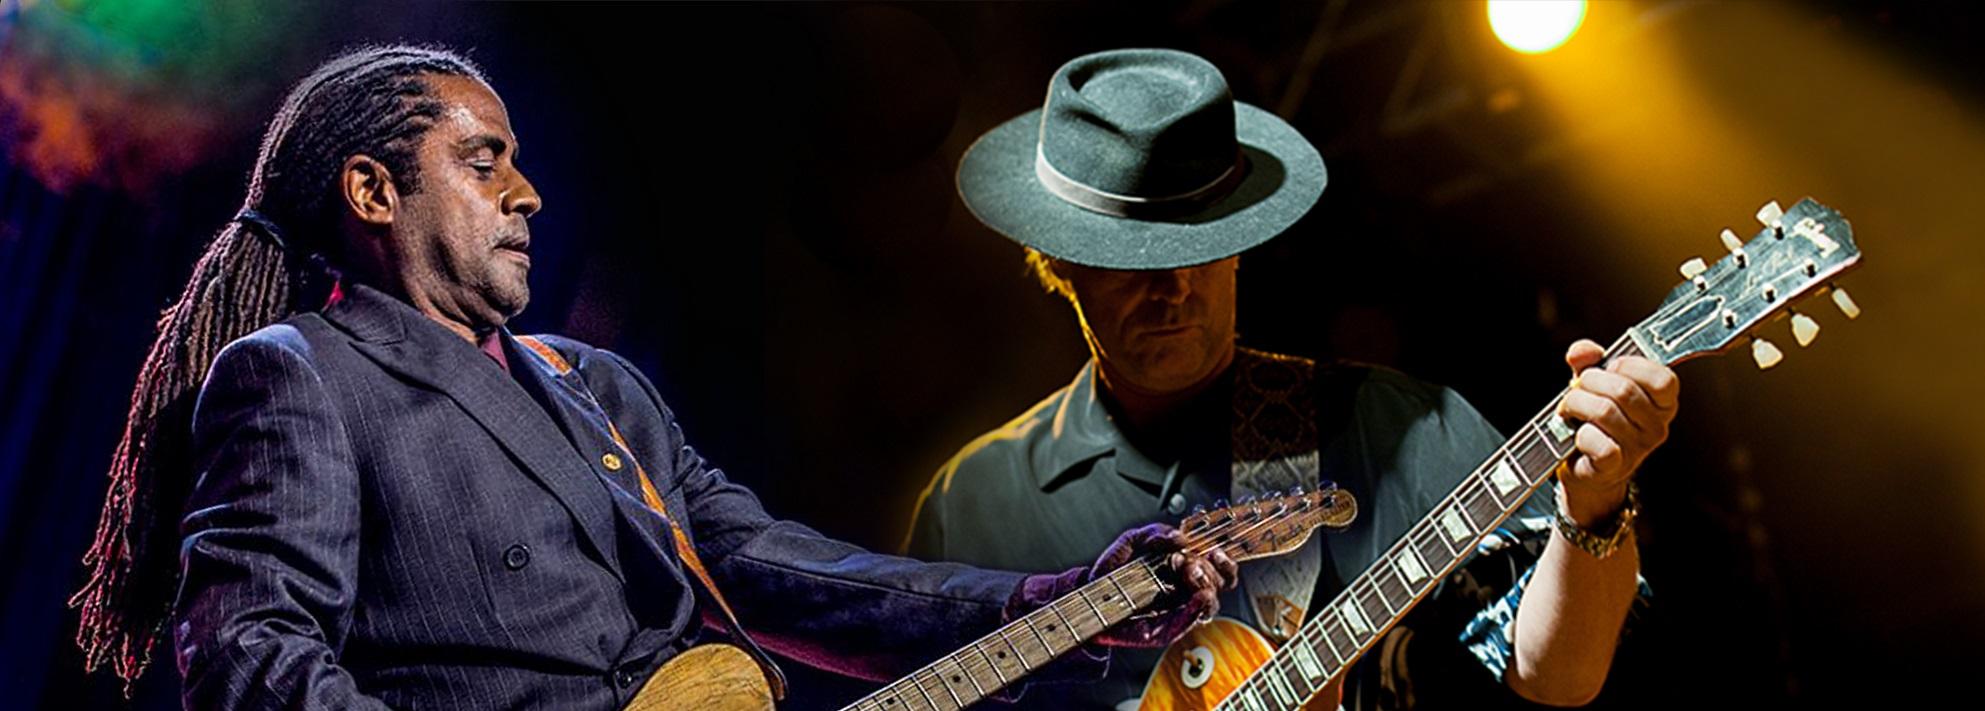 """אמן הבלוז קני ניל, המועמד לגראמי לשנת 2017 על אלבומו """"Bloodline"""", מגיע לראשונה להופעה בישראל ב-31.10 בזאפה ברצליה,"""